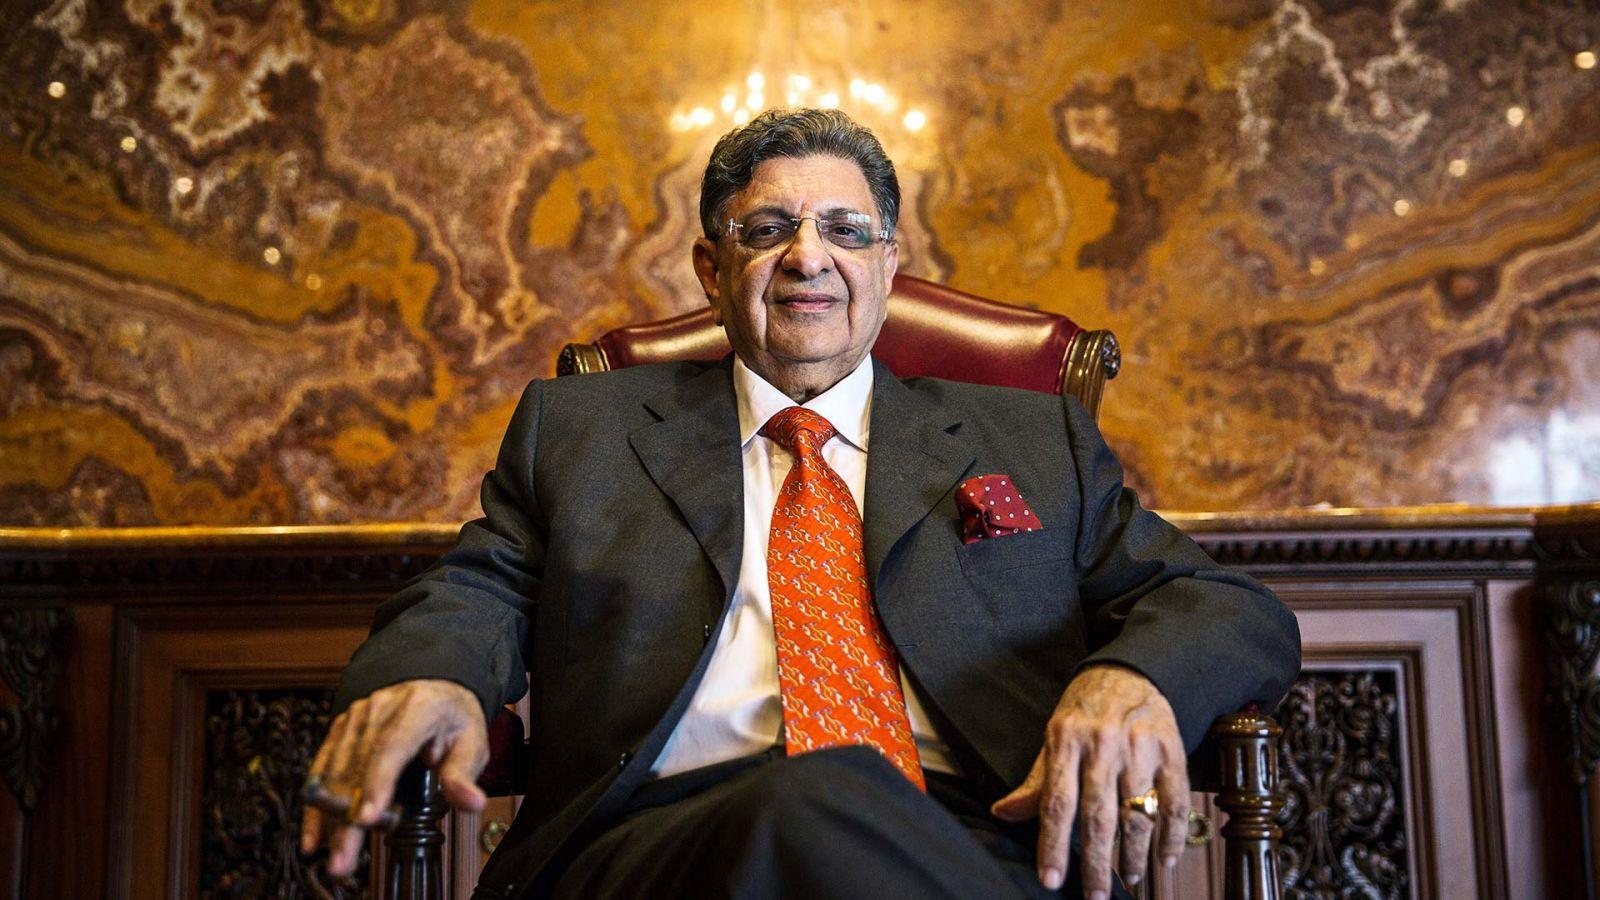 Cyrus Poonawalla - chủ tịch Viện Huyết thanh của Ấn Độ - ở Pune, Maharashtra, Ấn Độ, vào thứ Hai, ngày 4 tháng 5 năm 2015 (BLOOMBERG).